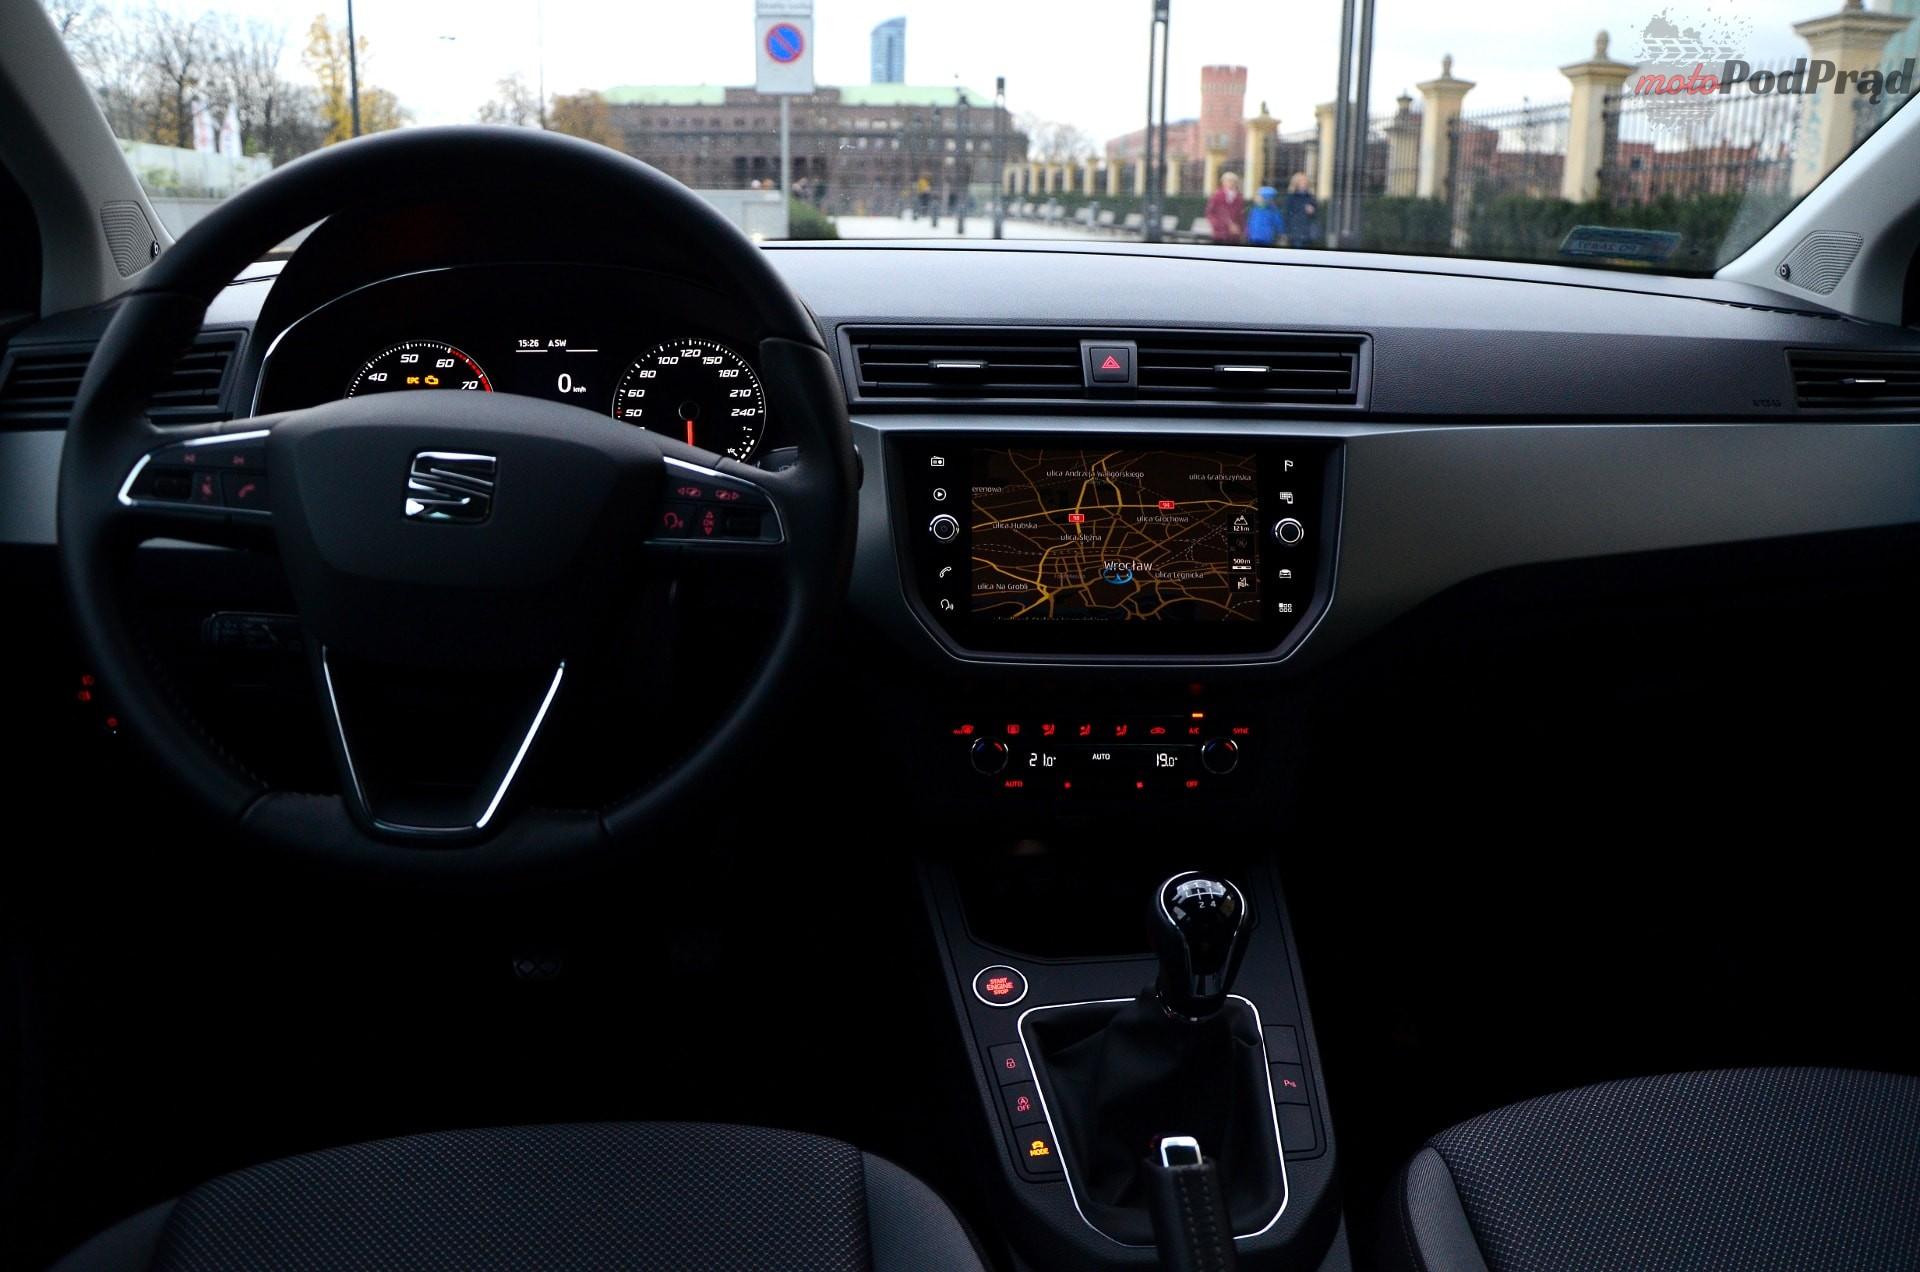 Seat Ibiza 11 Test: Seat Ibiza Xcellence 1.0 TSI   prosto i na temat